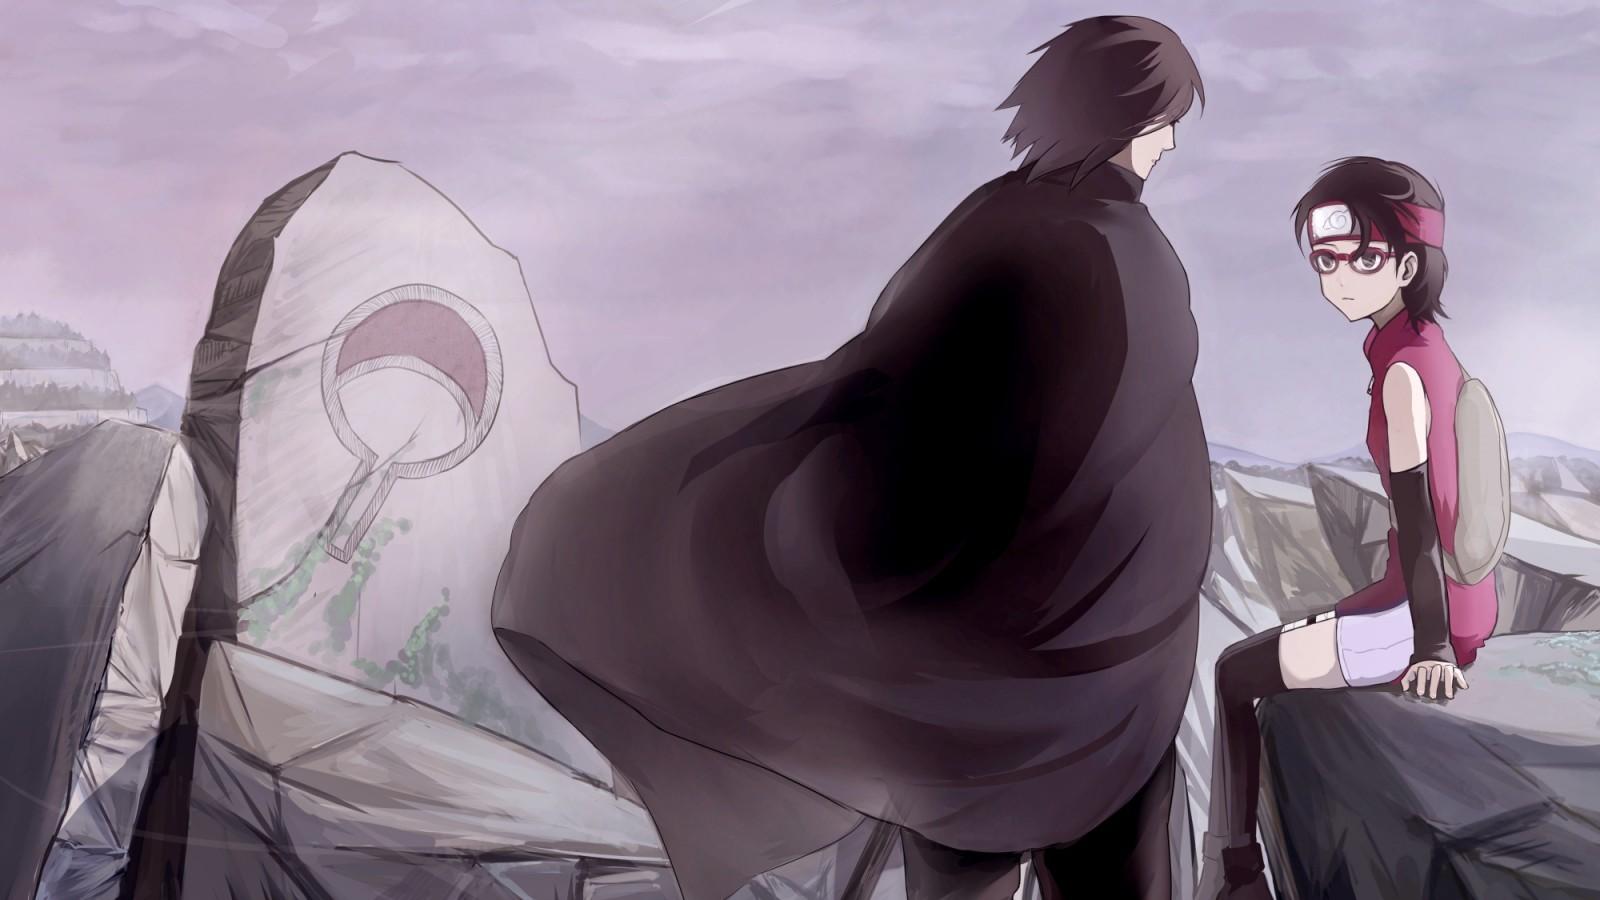 Uchiha Sasuke, Uchiha Sarada, Naruto - Sarada Uchiha And Sasuke Uchiha - HD Wallpaper